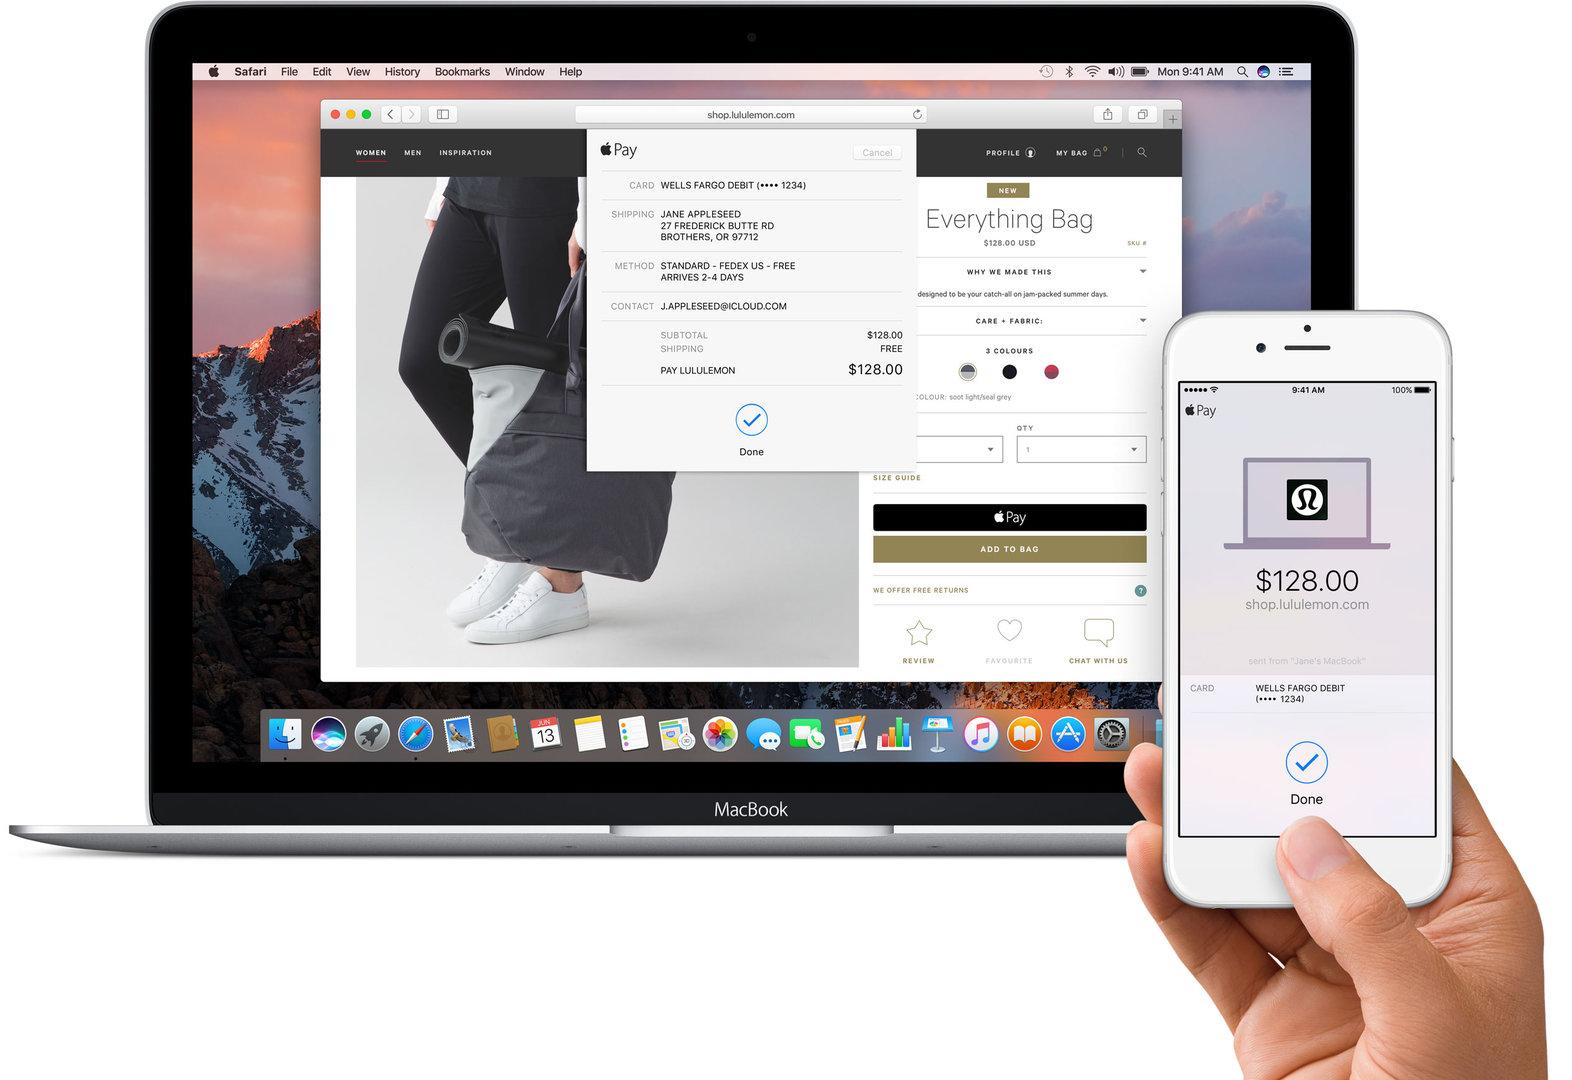 Apple Pay in macOS Sierra